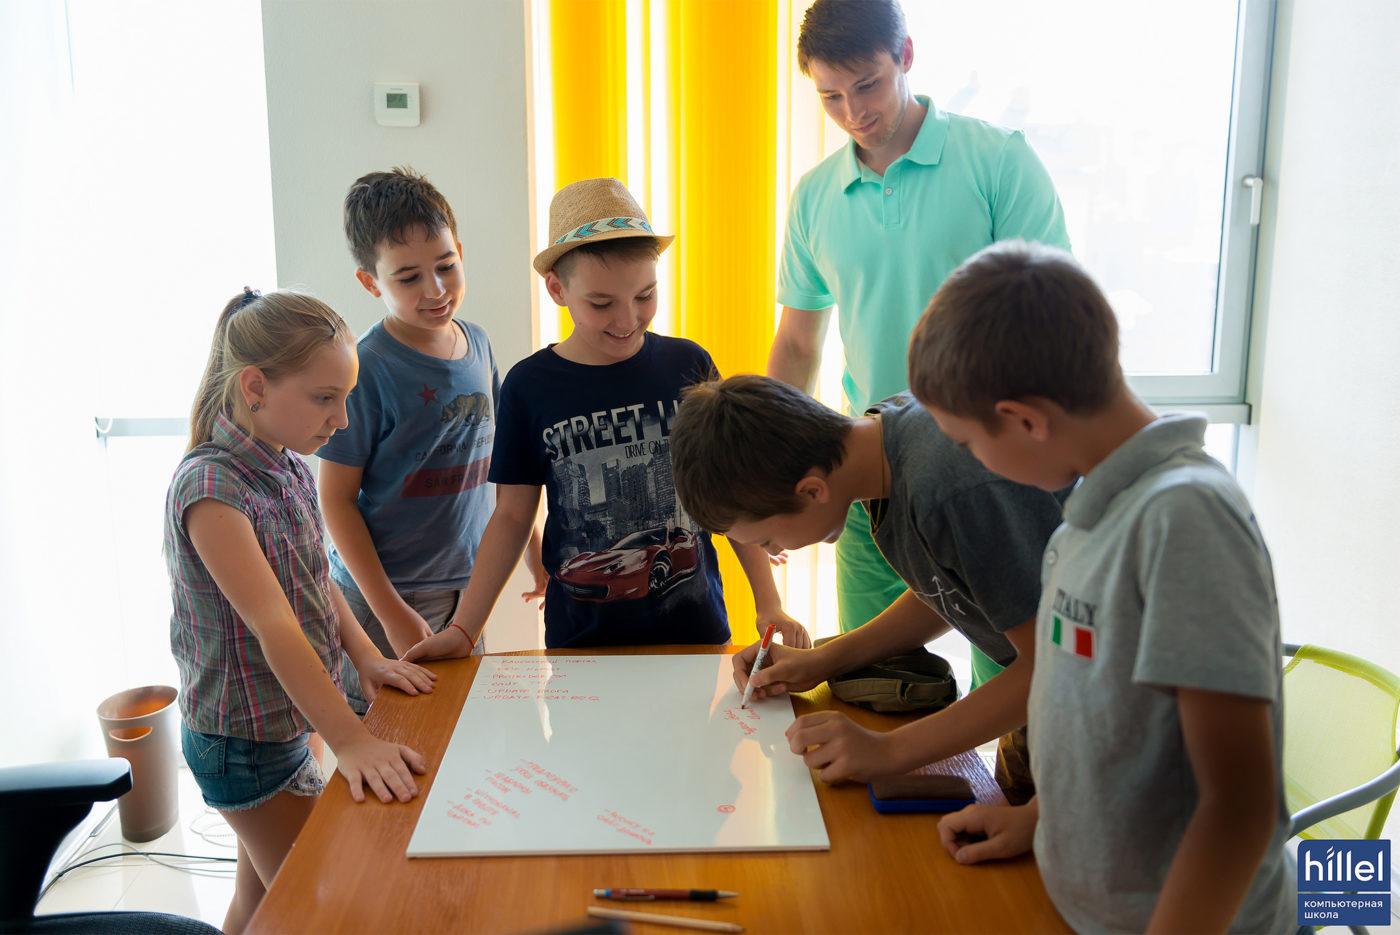 Мероприятия: Мастер-класс для детей «Я — веб разработчик! Создай свою историю и поделись ею с миром» в Киеве